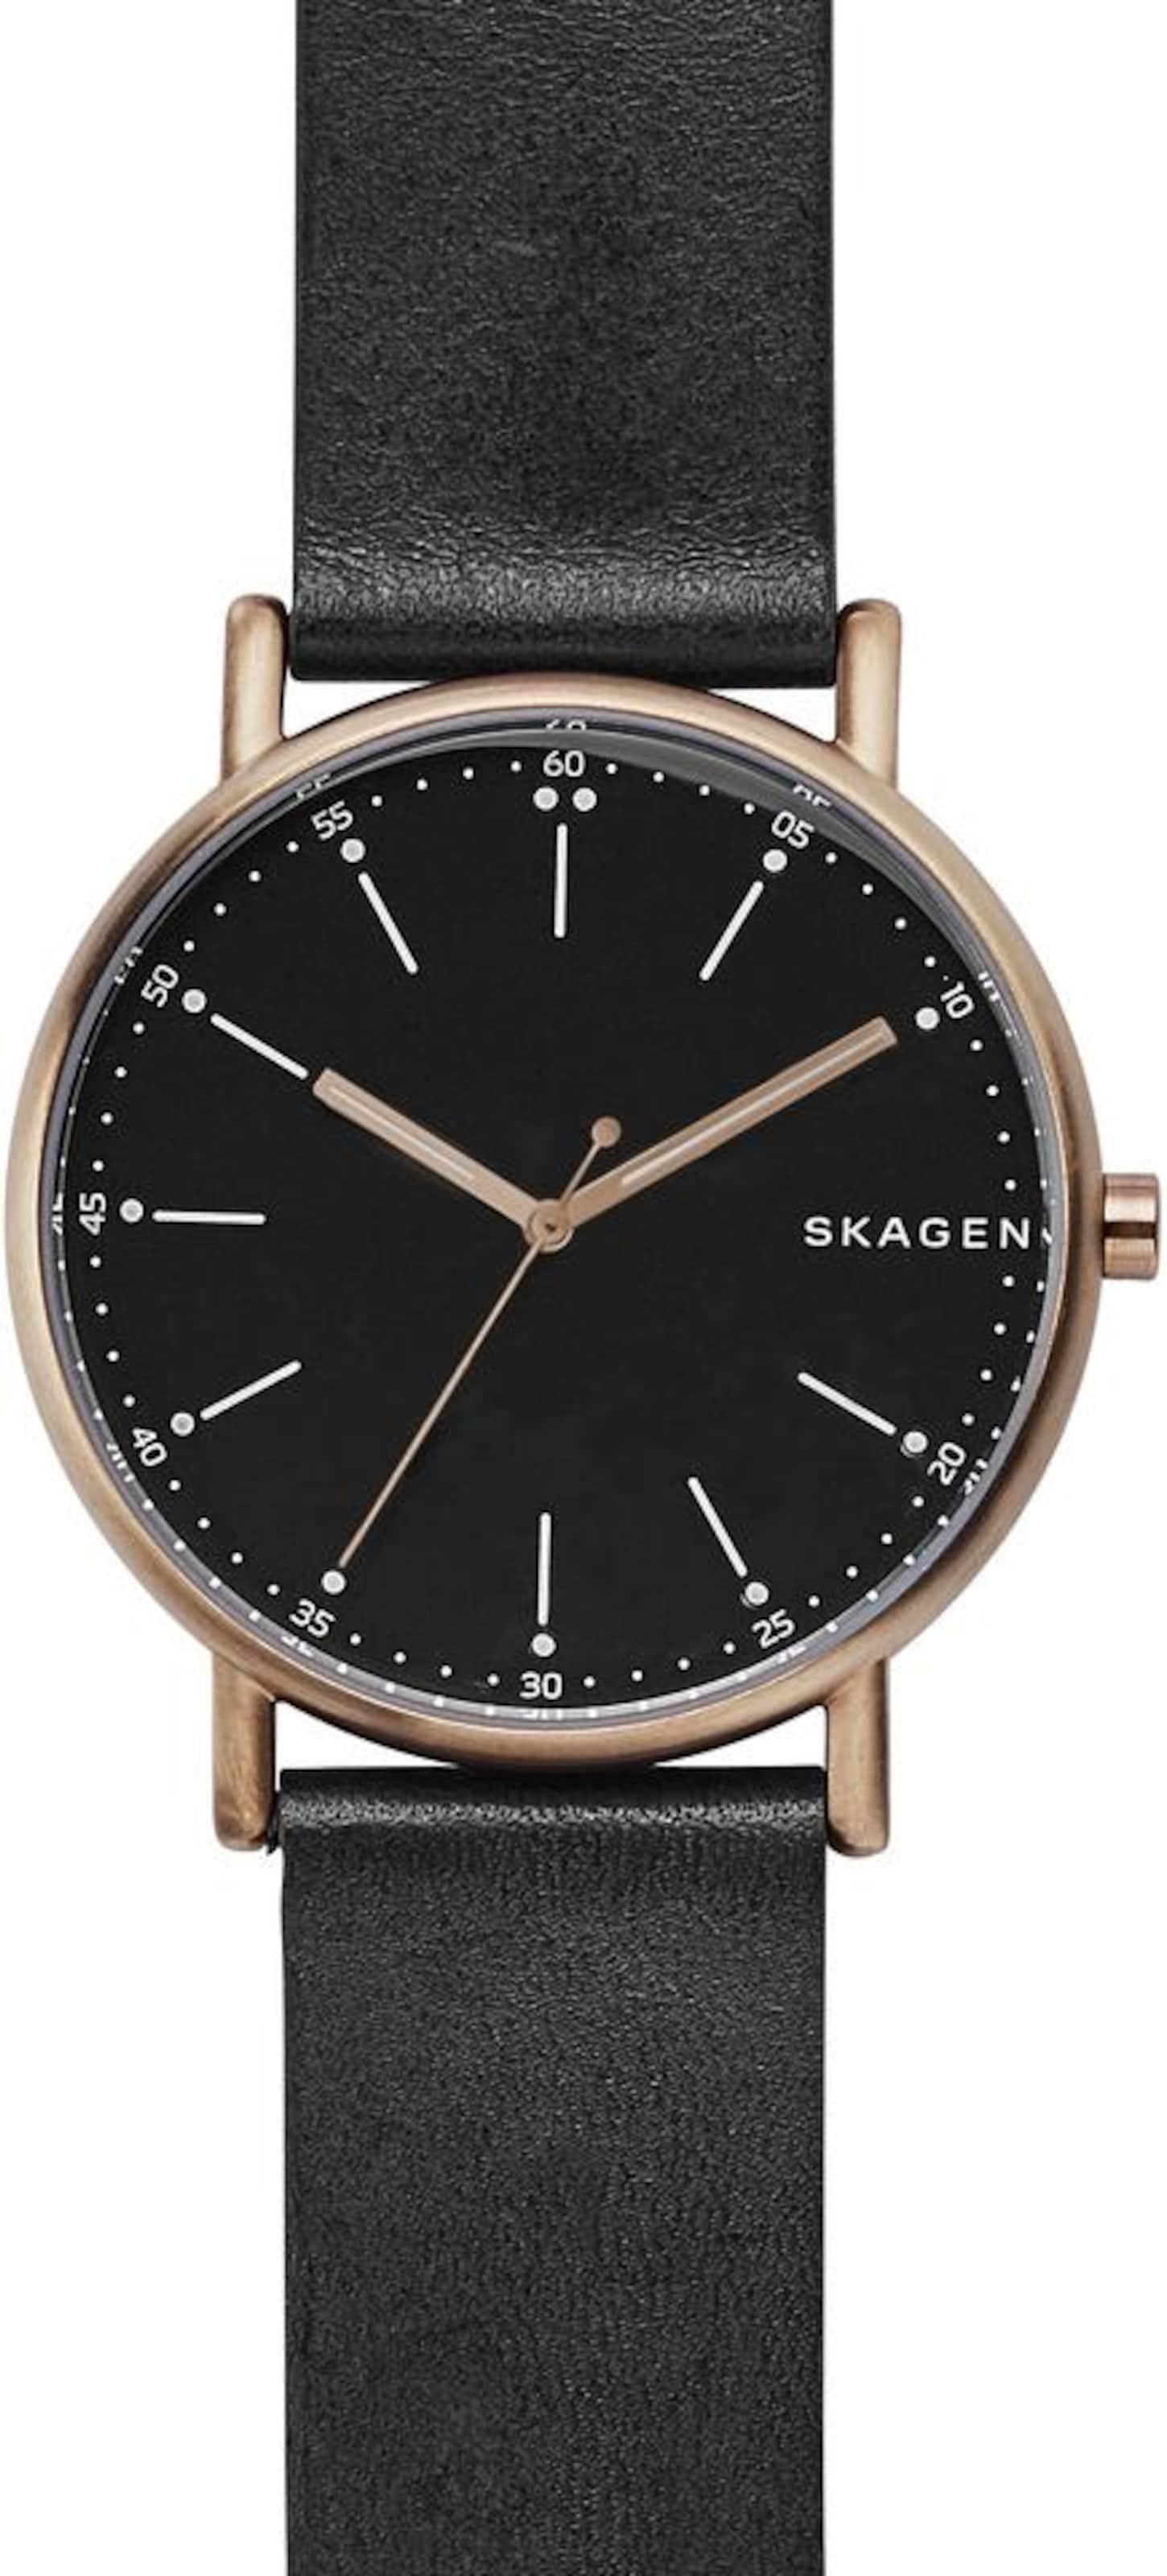 Skagen Schwarz Skagen In Quarzuhr 'signaturSkw6401' 'signaturSkw6401' Quarzuhr wX8nPk0O